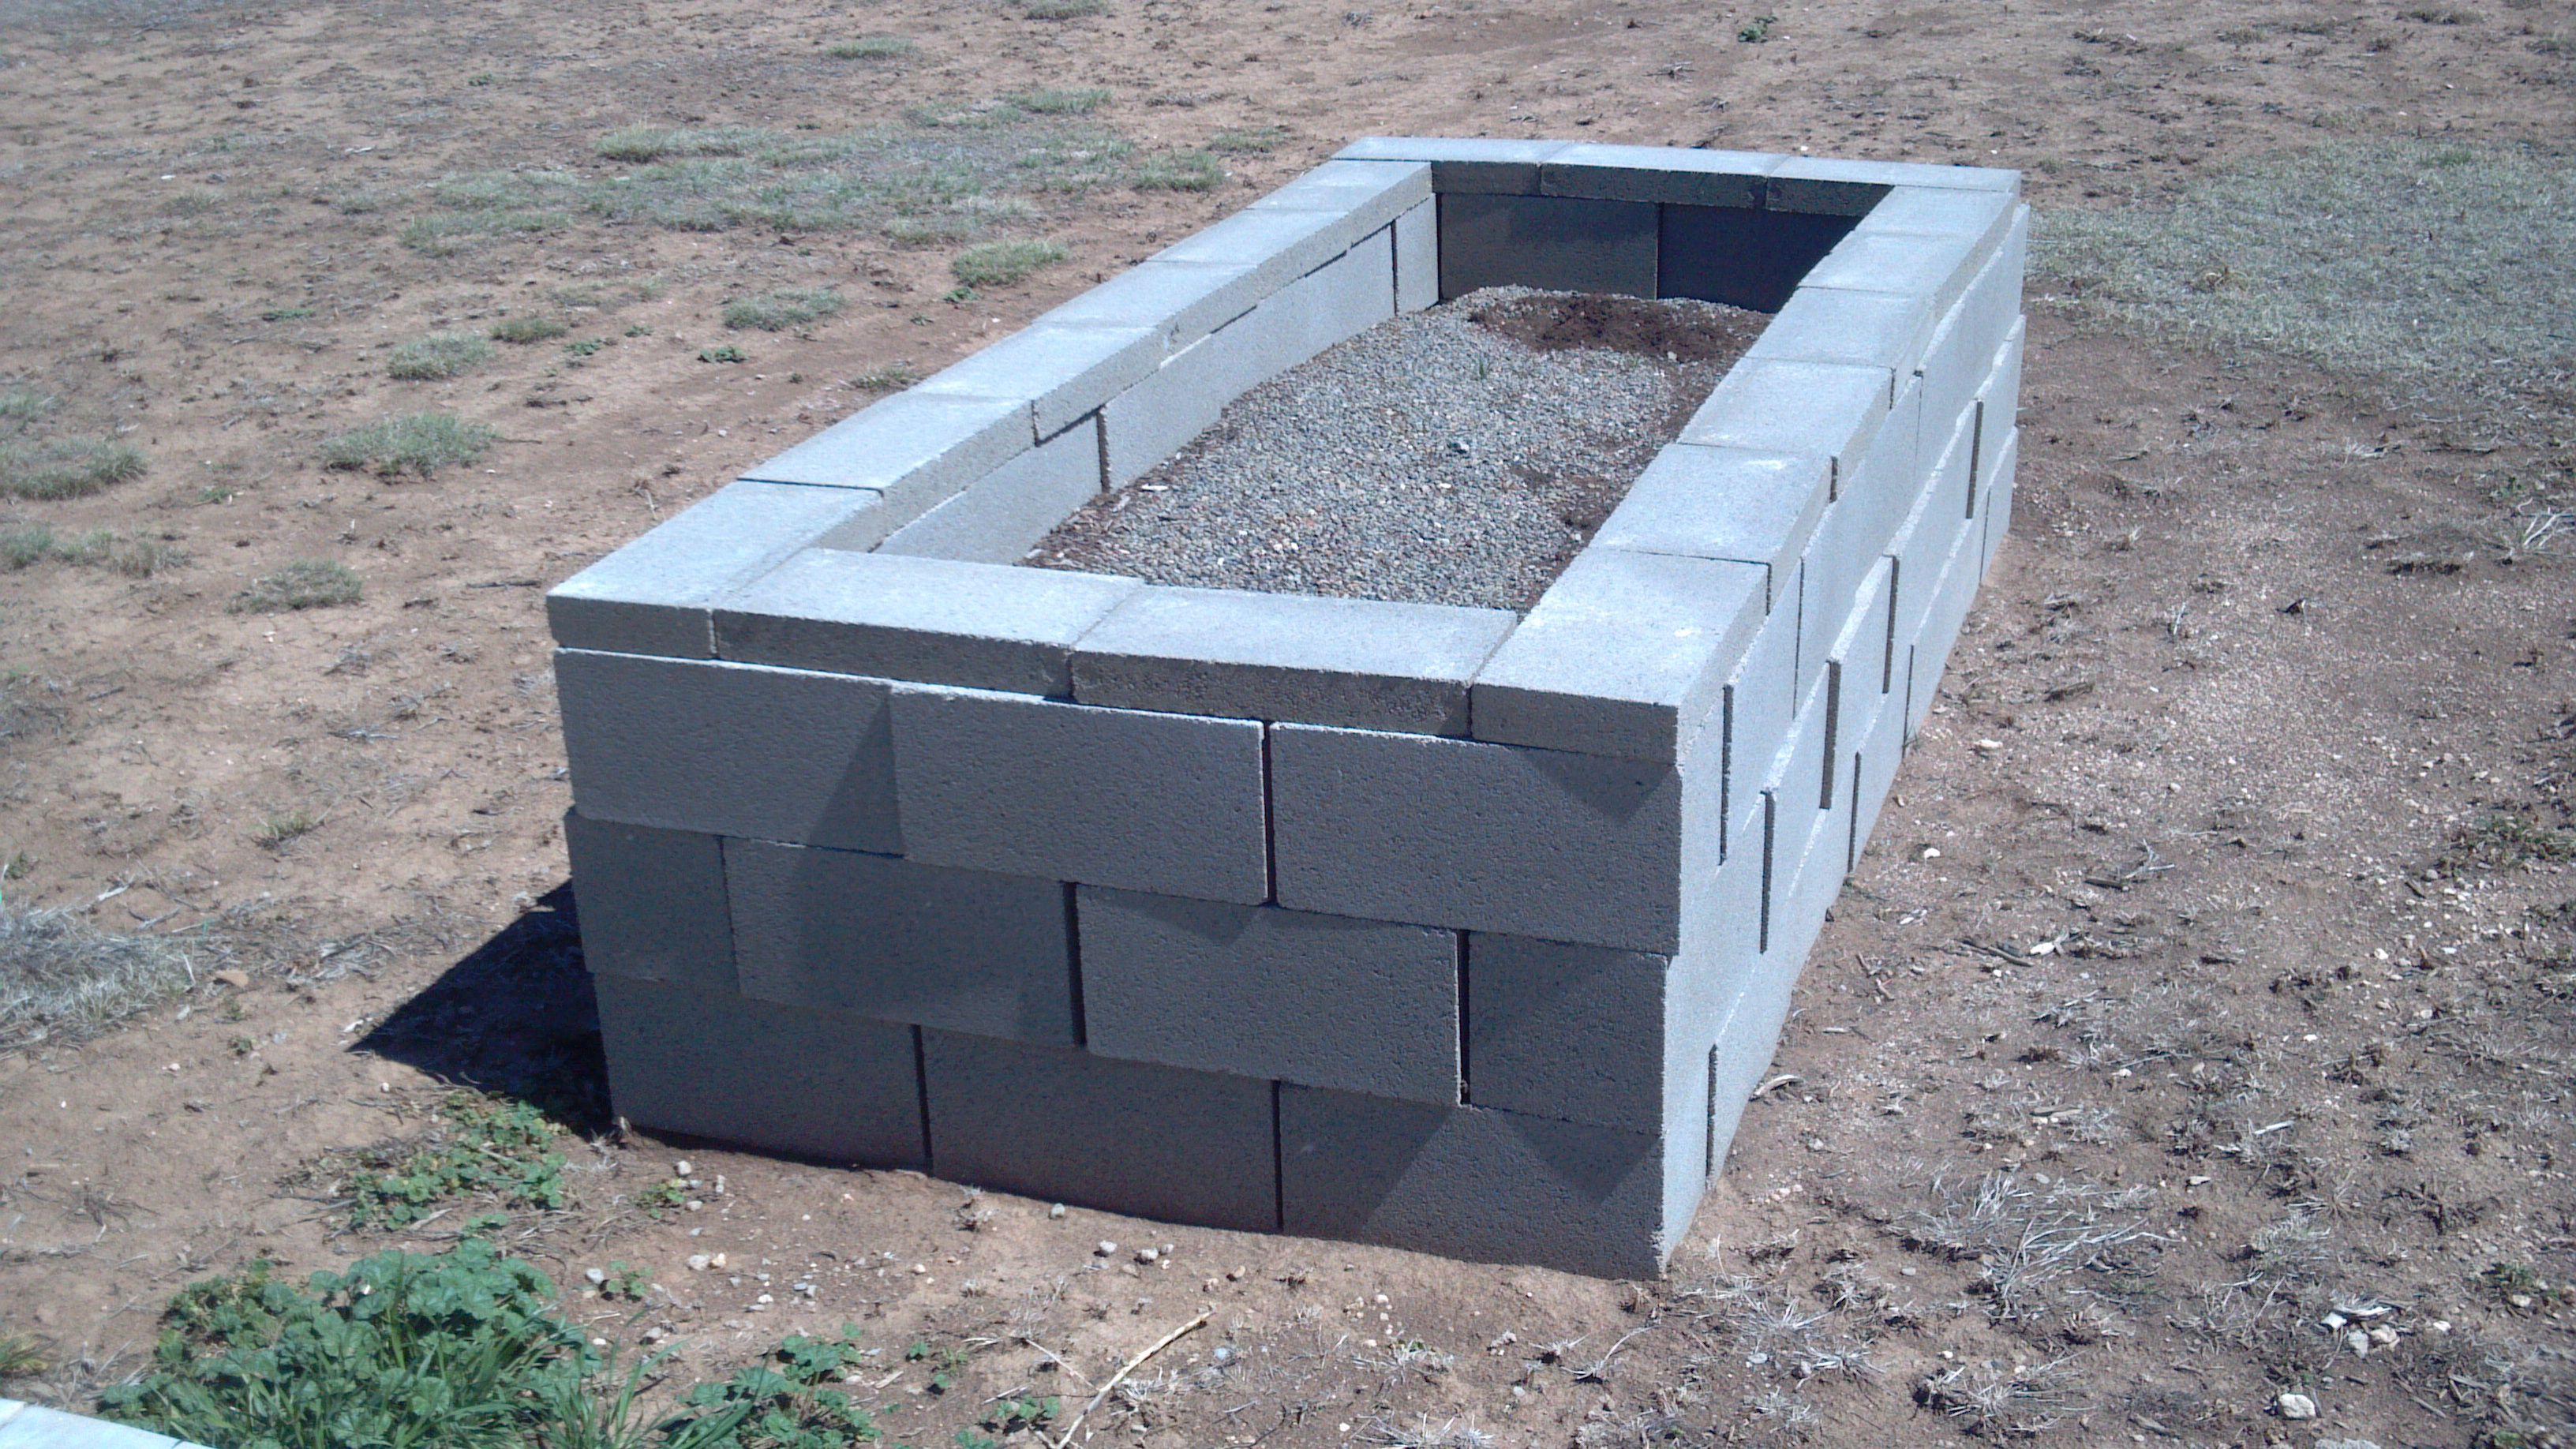 Building Raised Garden Beds | Cinder block garden, Building ... on 2 x 8 retaining wall, 2 x 6 raised garden bed, 2 ft raised garden bed, 4 x 8 raised garden bed, 2 x 4 raised garden bed,